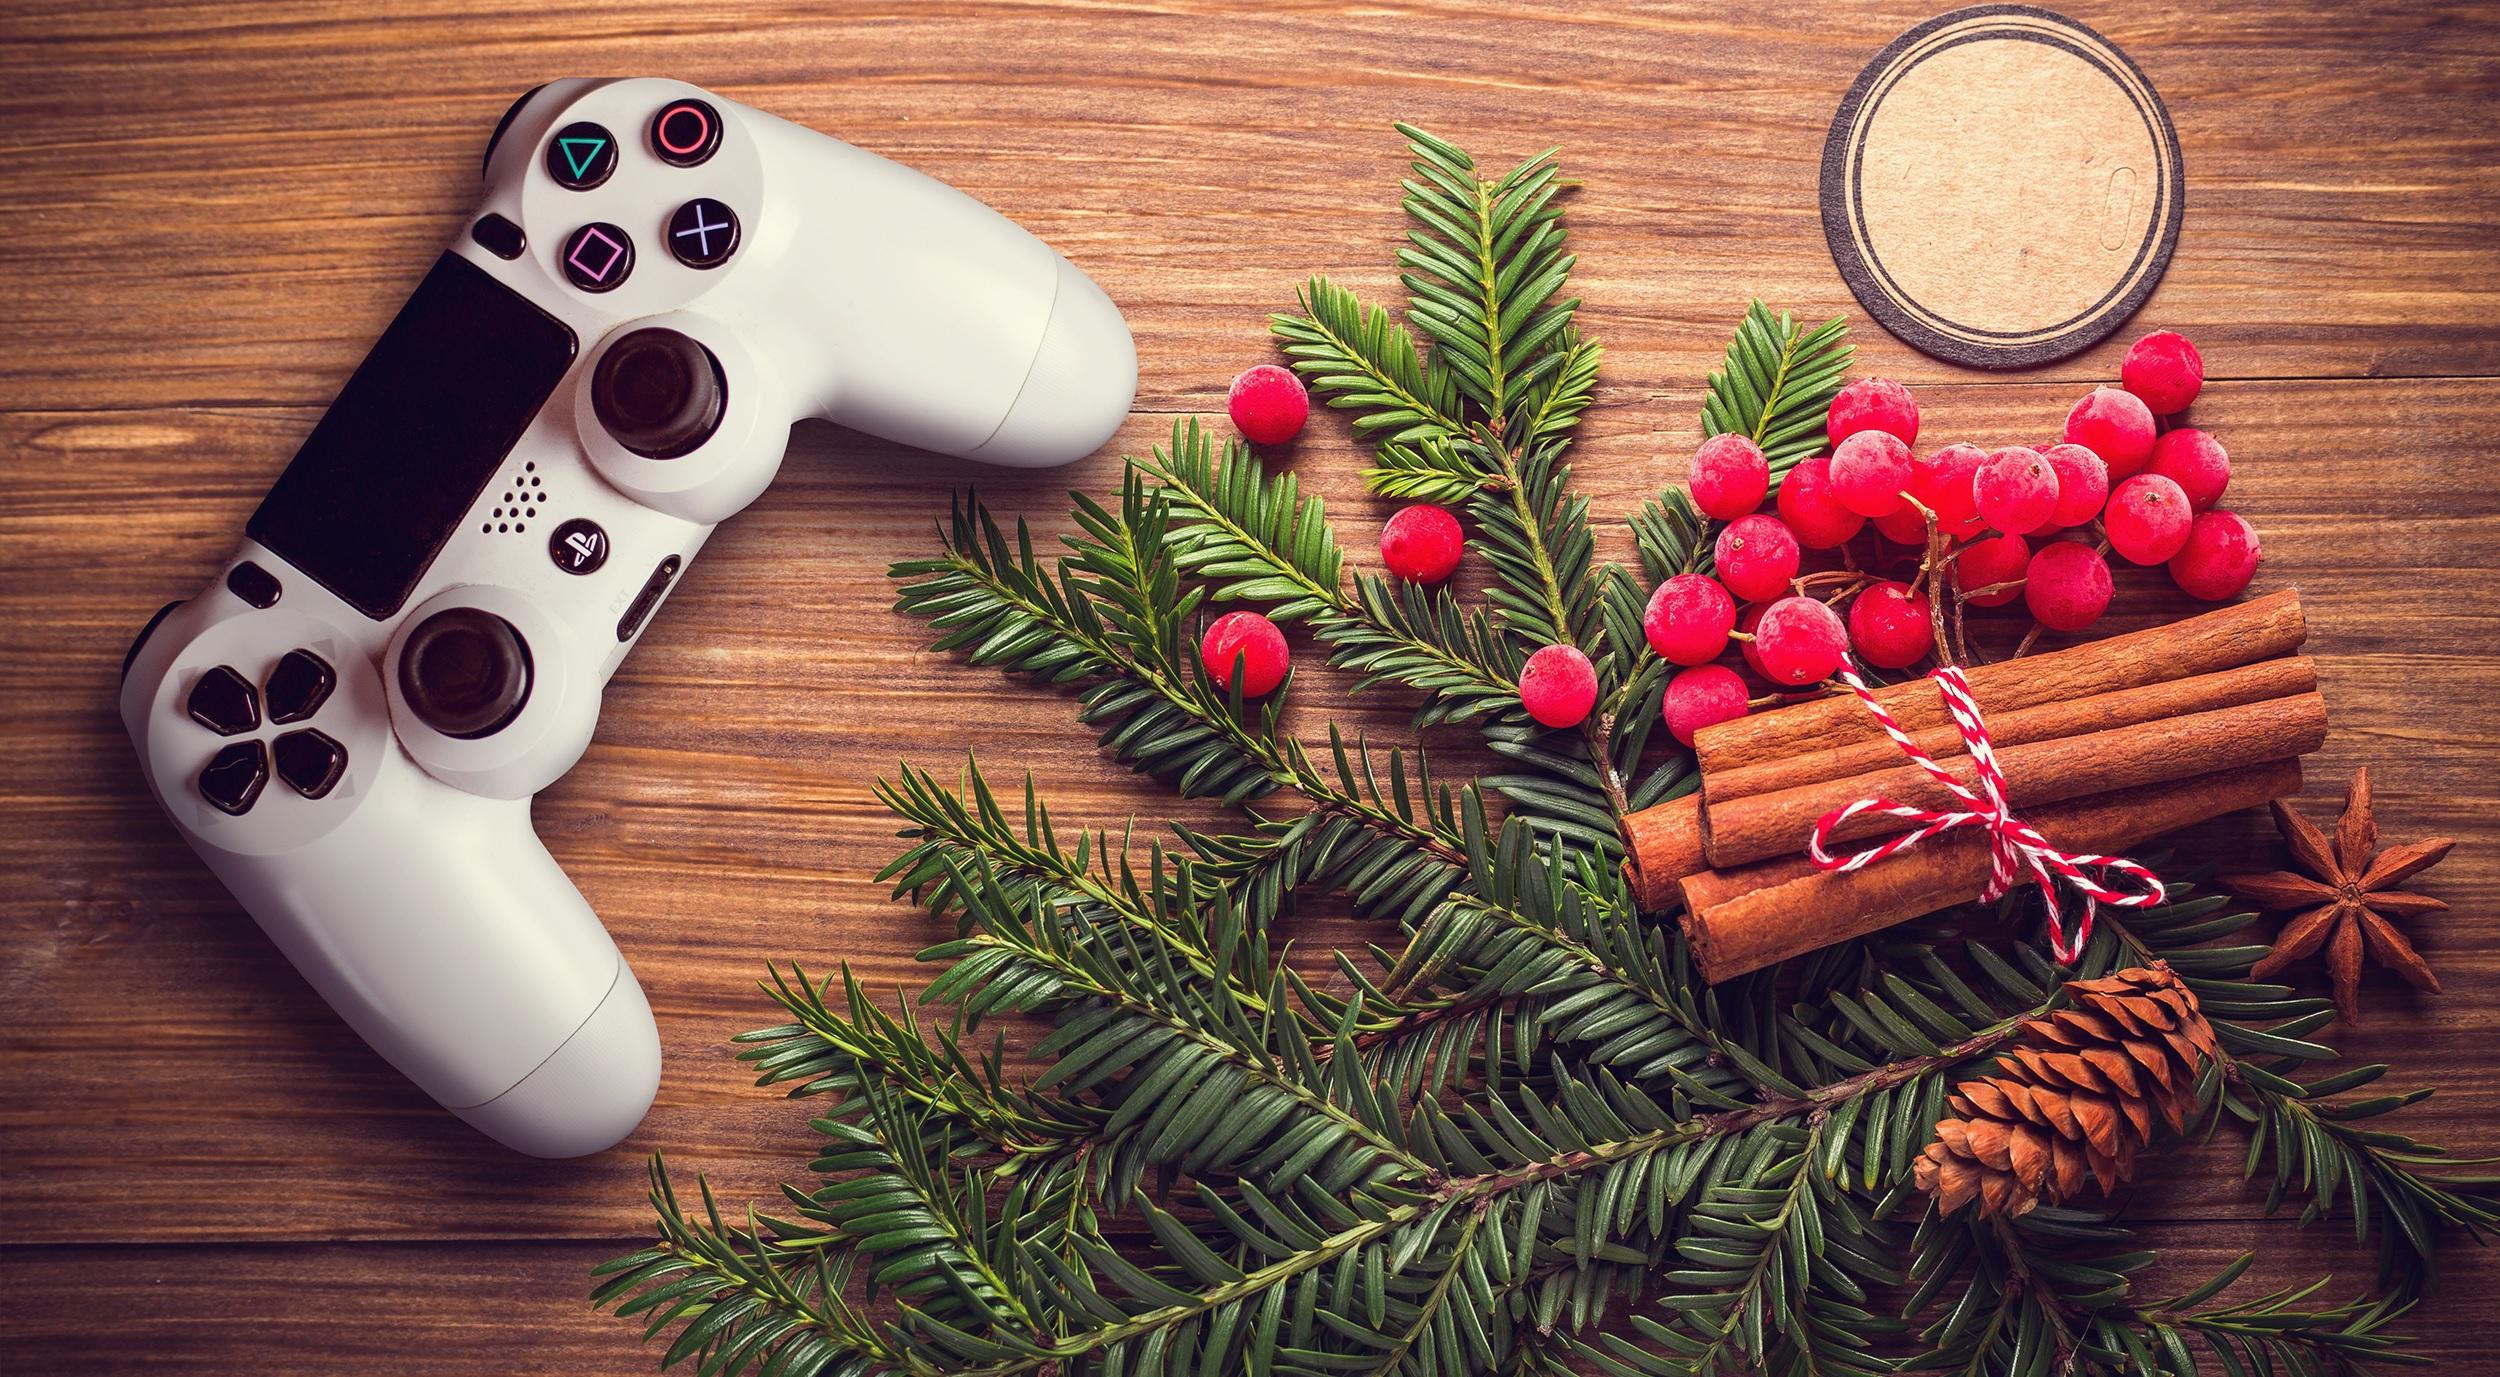 La grande guida ai regali di Natale: PlayStation 4